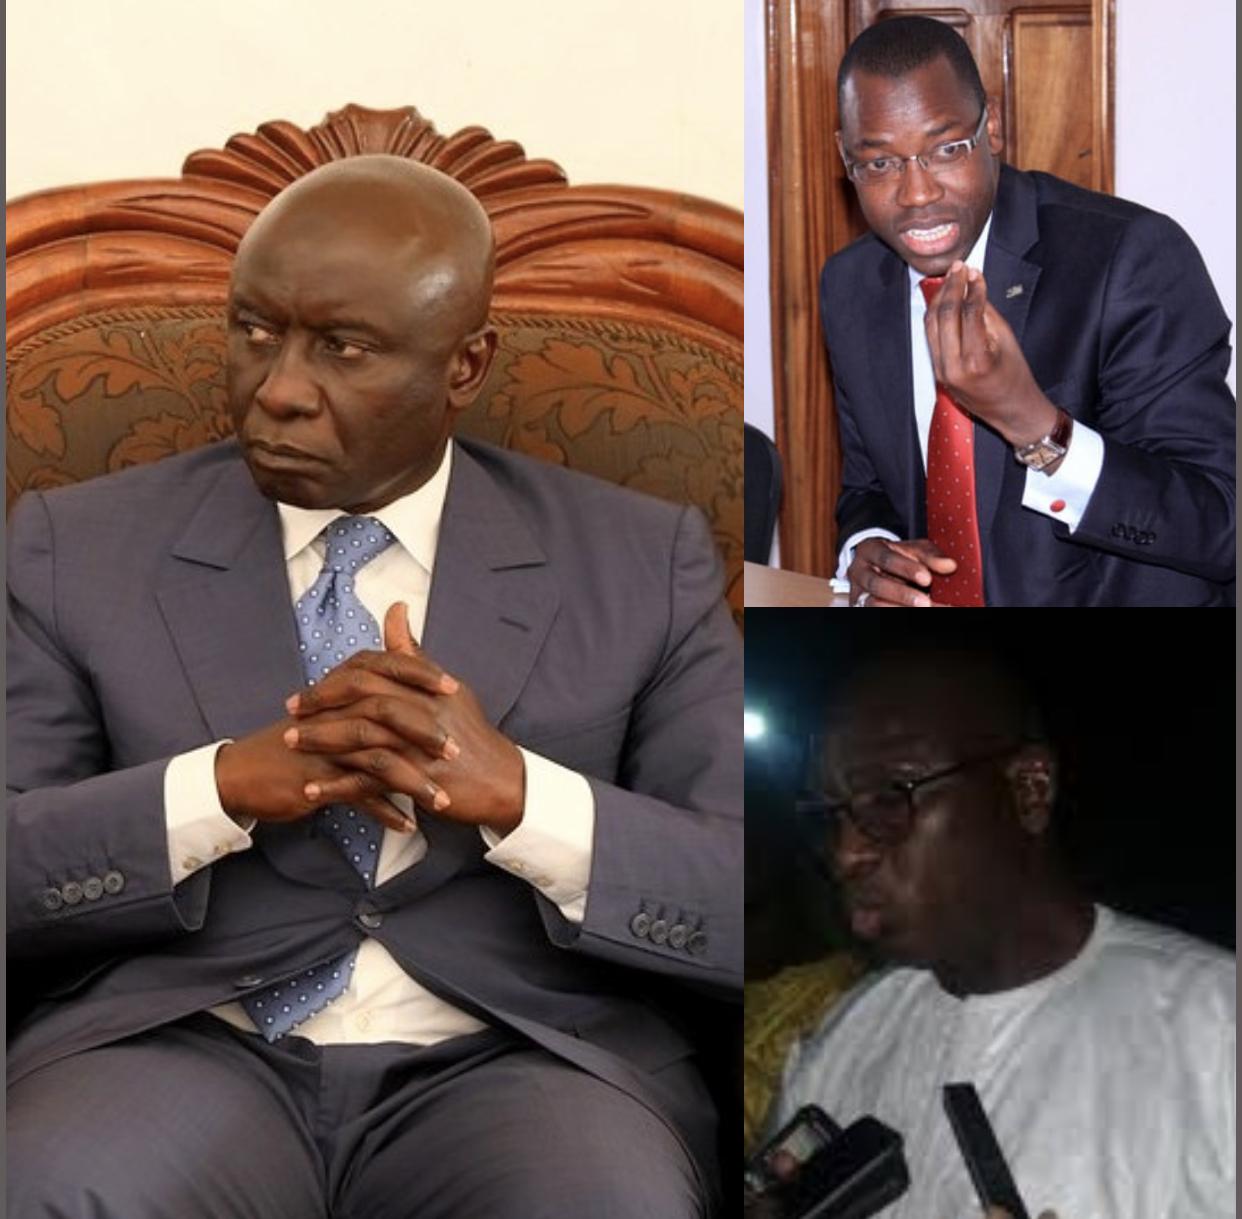 Remaniement ministériel : Que retenir de l'arrivée d'Idrissa Seck au CESE ? Quid de ses deux alliés Diattara et Saleh dans le gouvernement de Macky Sall ?